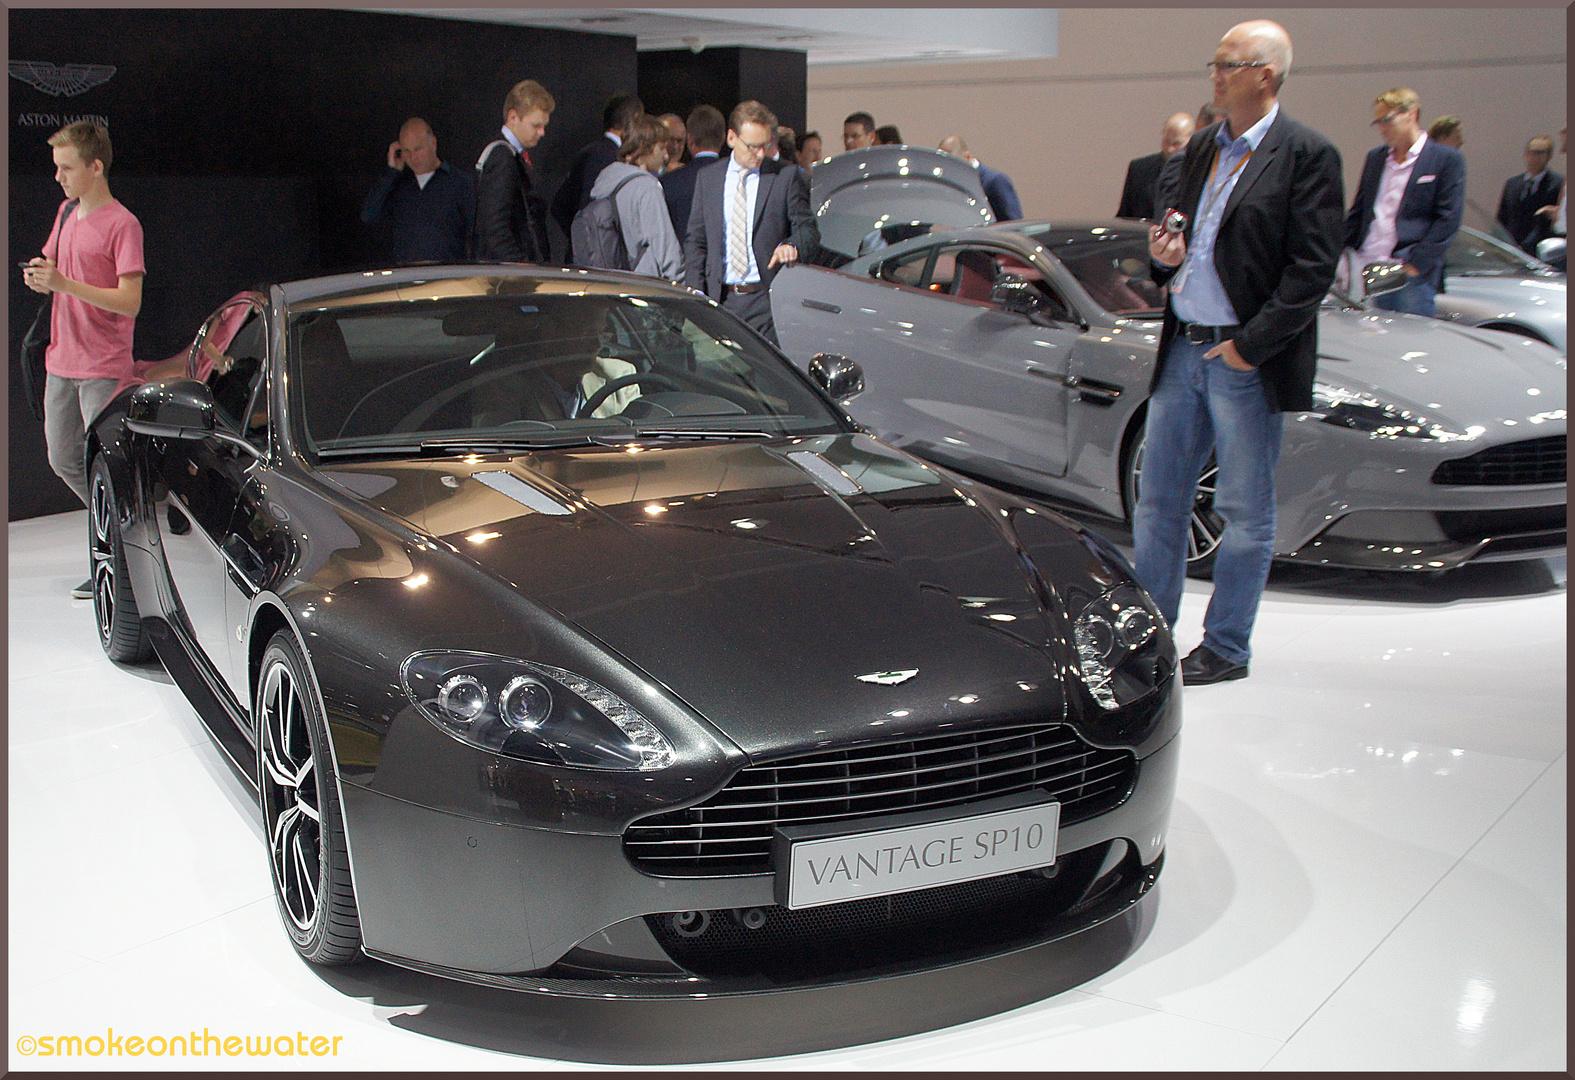 Aston Martin V8 Vantage SP10 Special Series